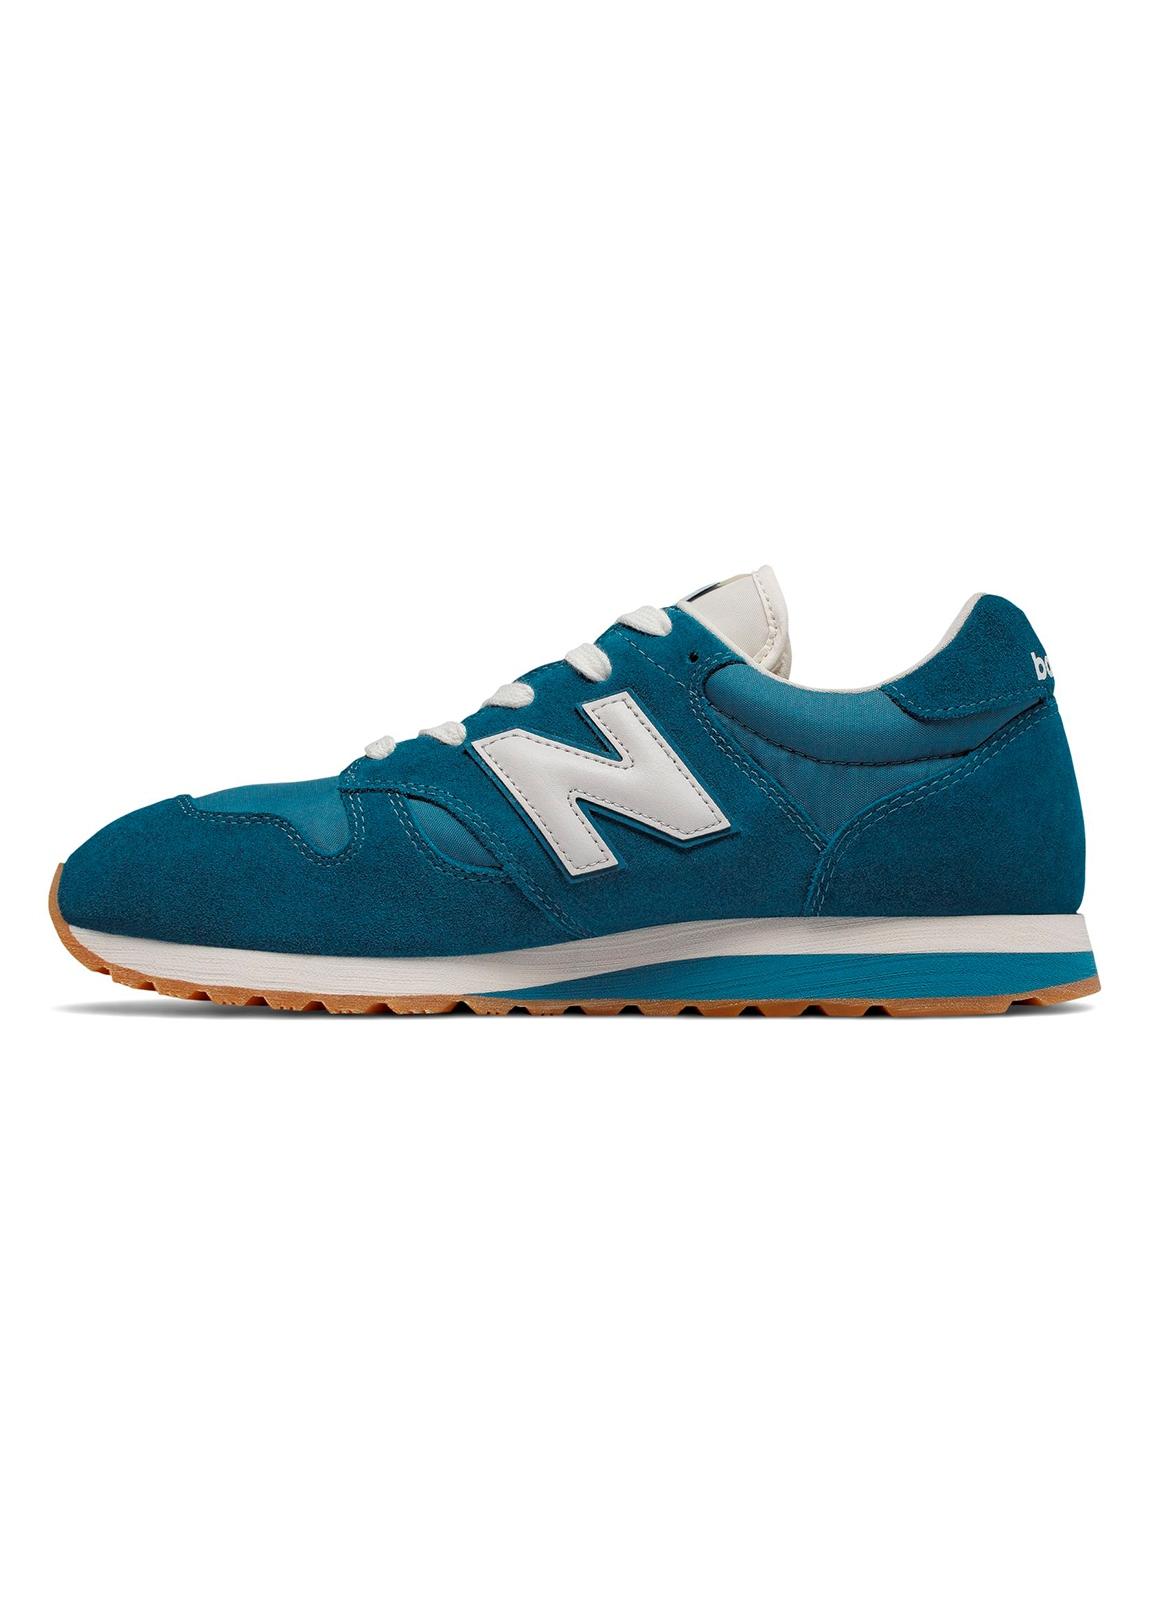 Sneaker hombre U520 color azul turquesa con detalles en blanco serraje, piel y malla. - Ítem1